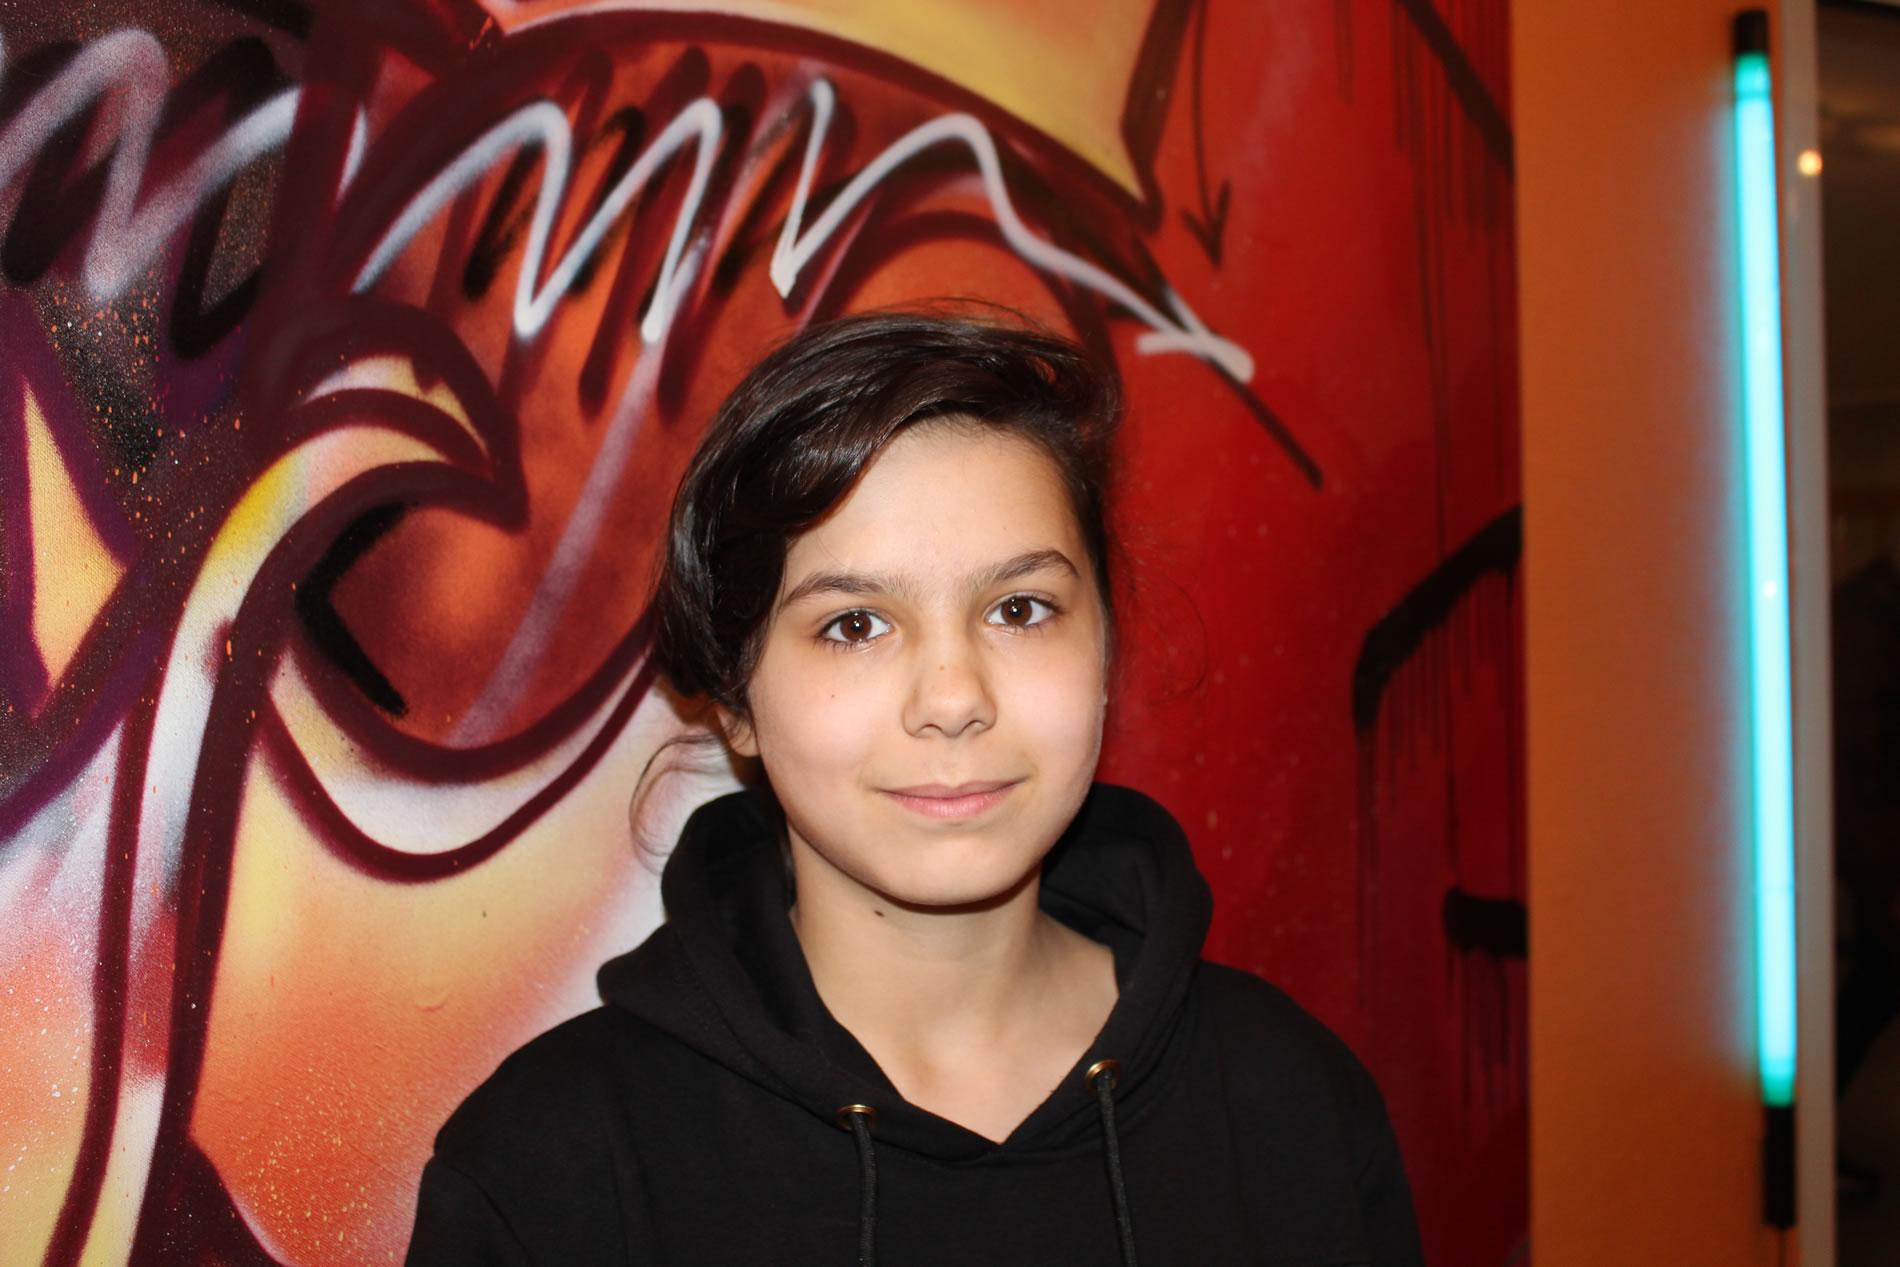 Den Sonderpreis für den 'Besten Mädchen-Act' gewann 'Voice of famous' alias Sharin A.